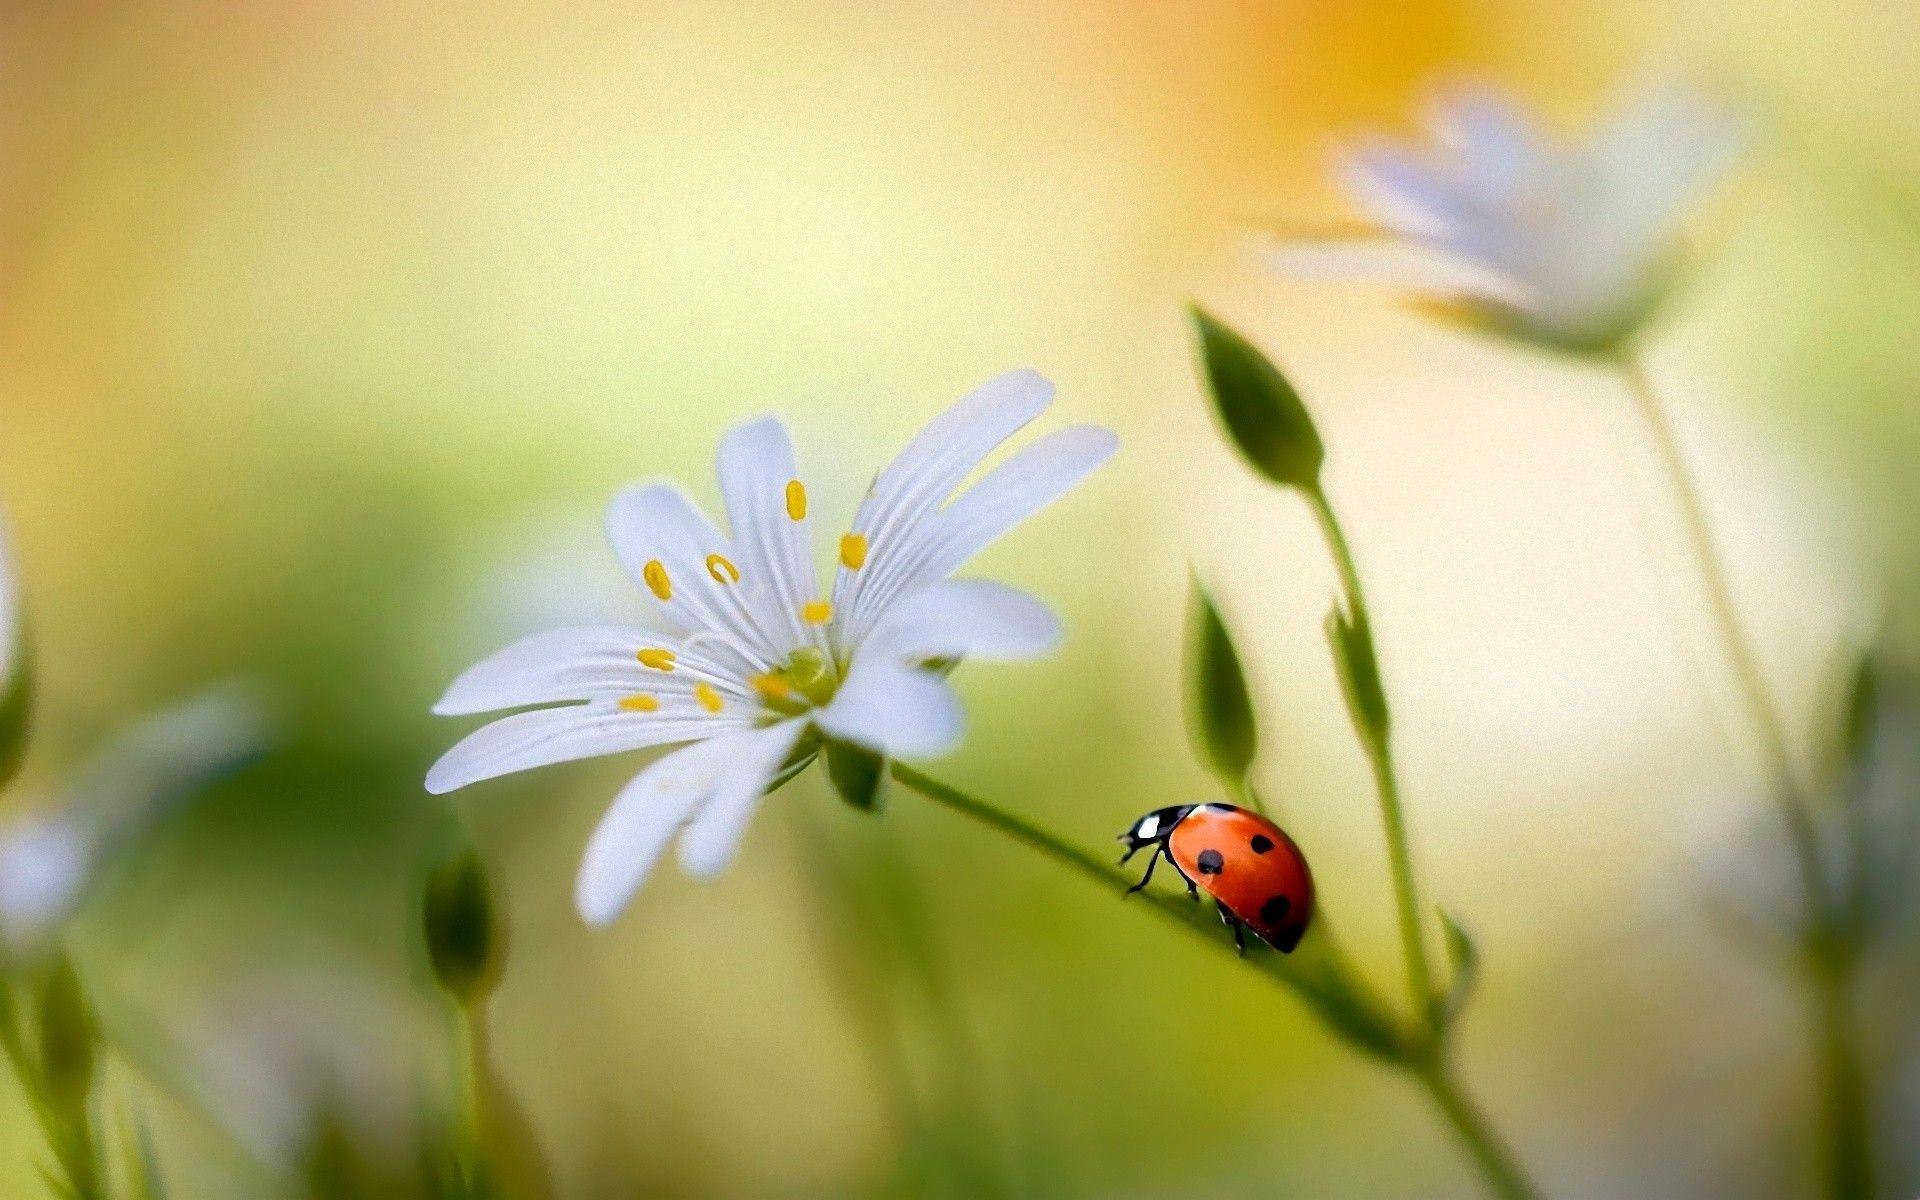 <b>Ladybug</b> Full <b>HD</b> Quality <b>Images</b>, <b>Ladybug Wallpaper</b> For Computer ...